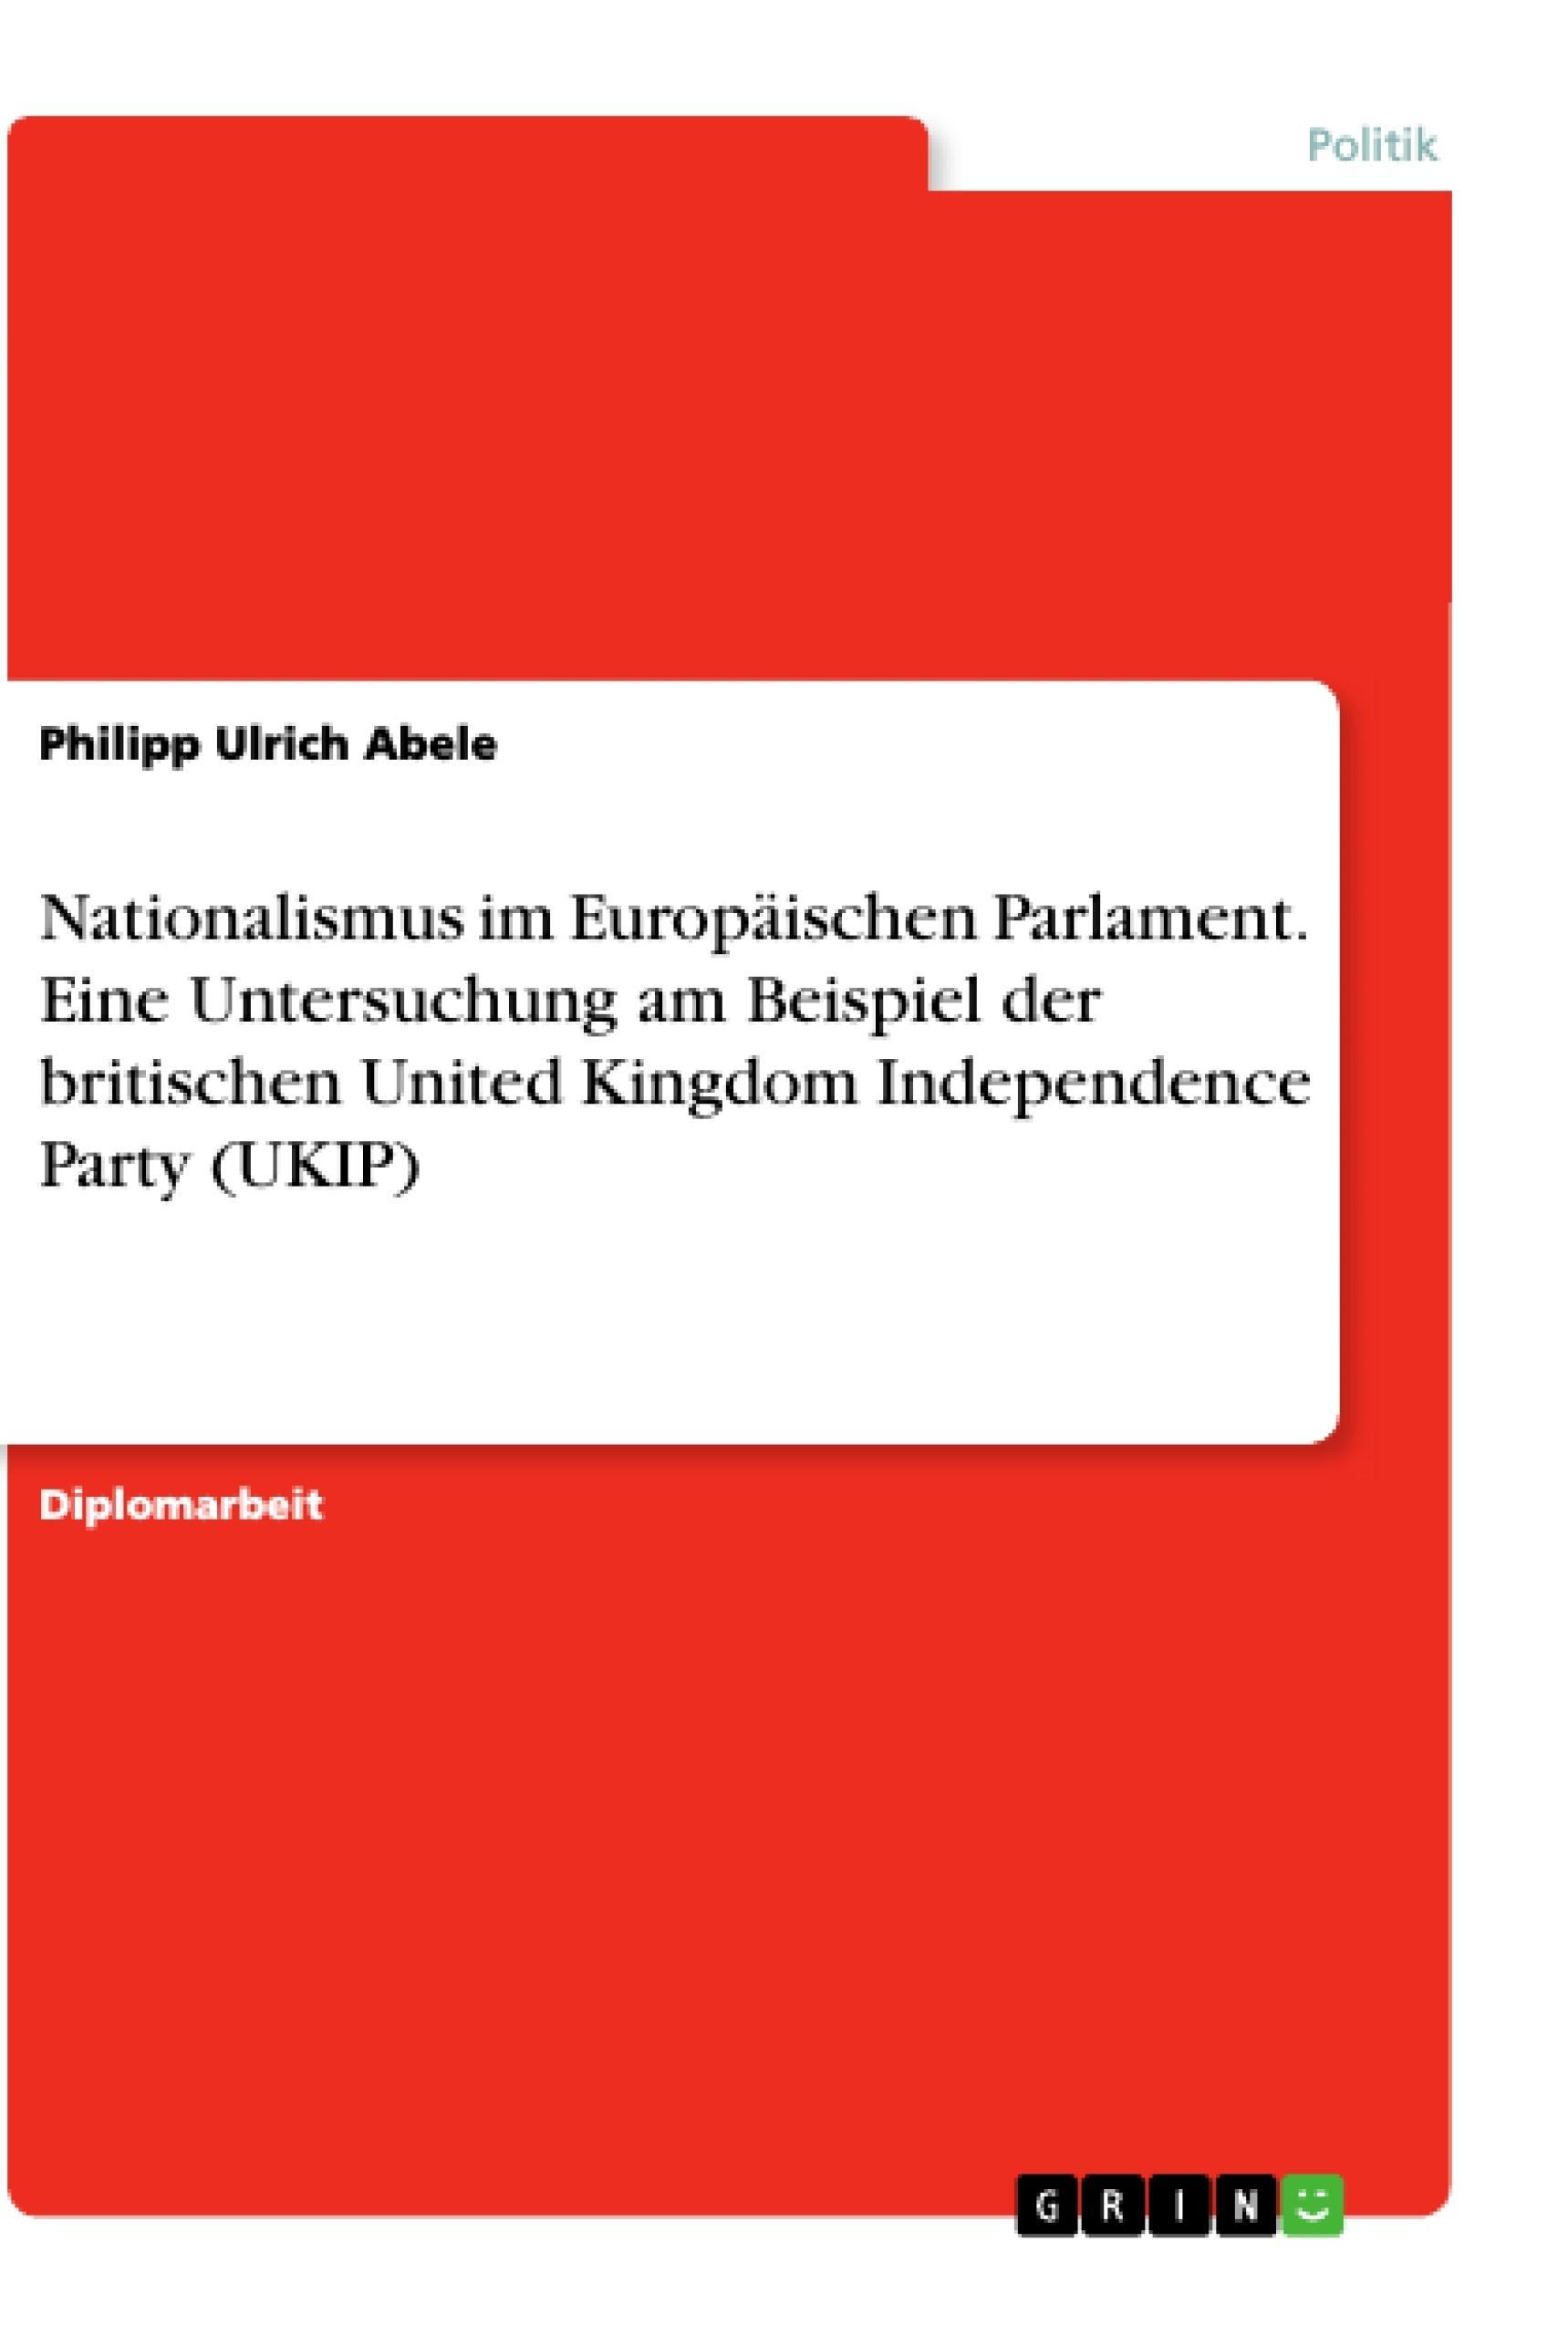 Titel: Nationalismus im Europäischen Parlament. Eine Untersuchung am Beispiel der britischen United Kingdom Independence Party (UKIP)